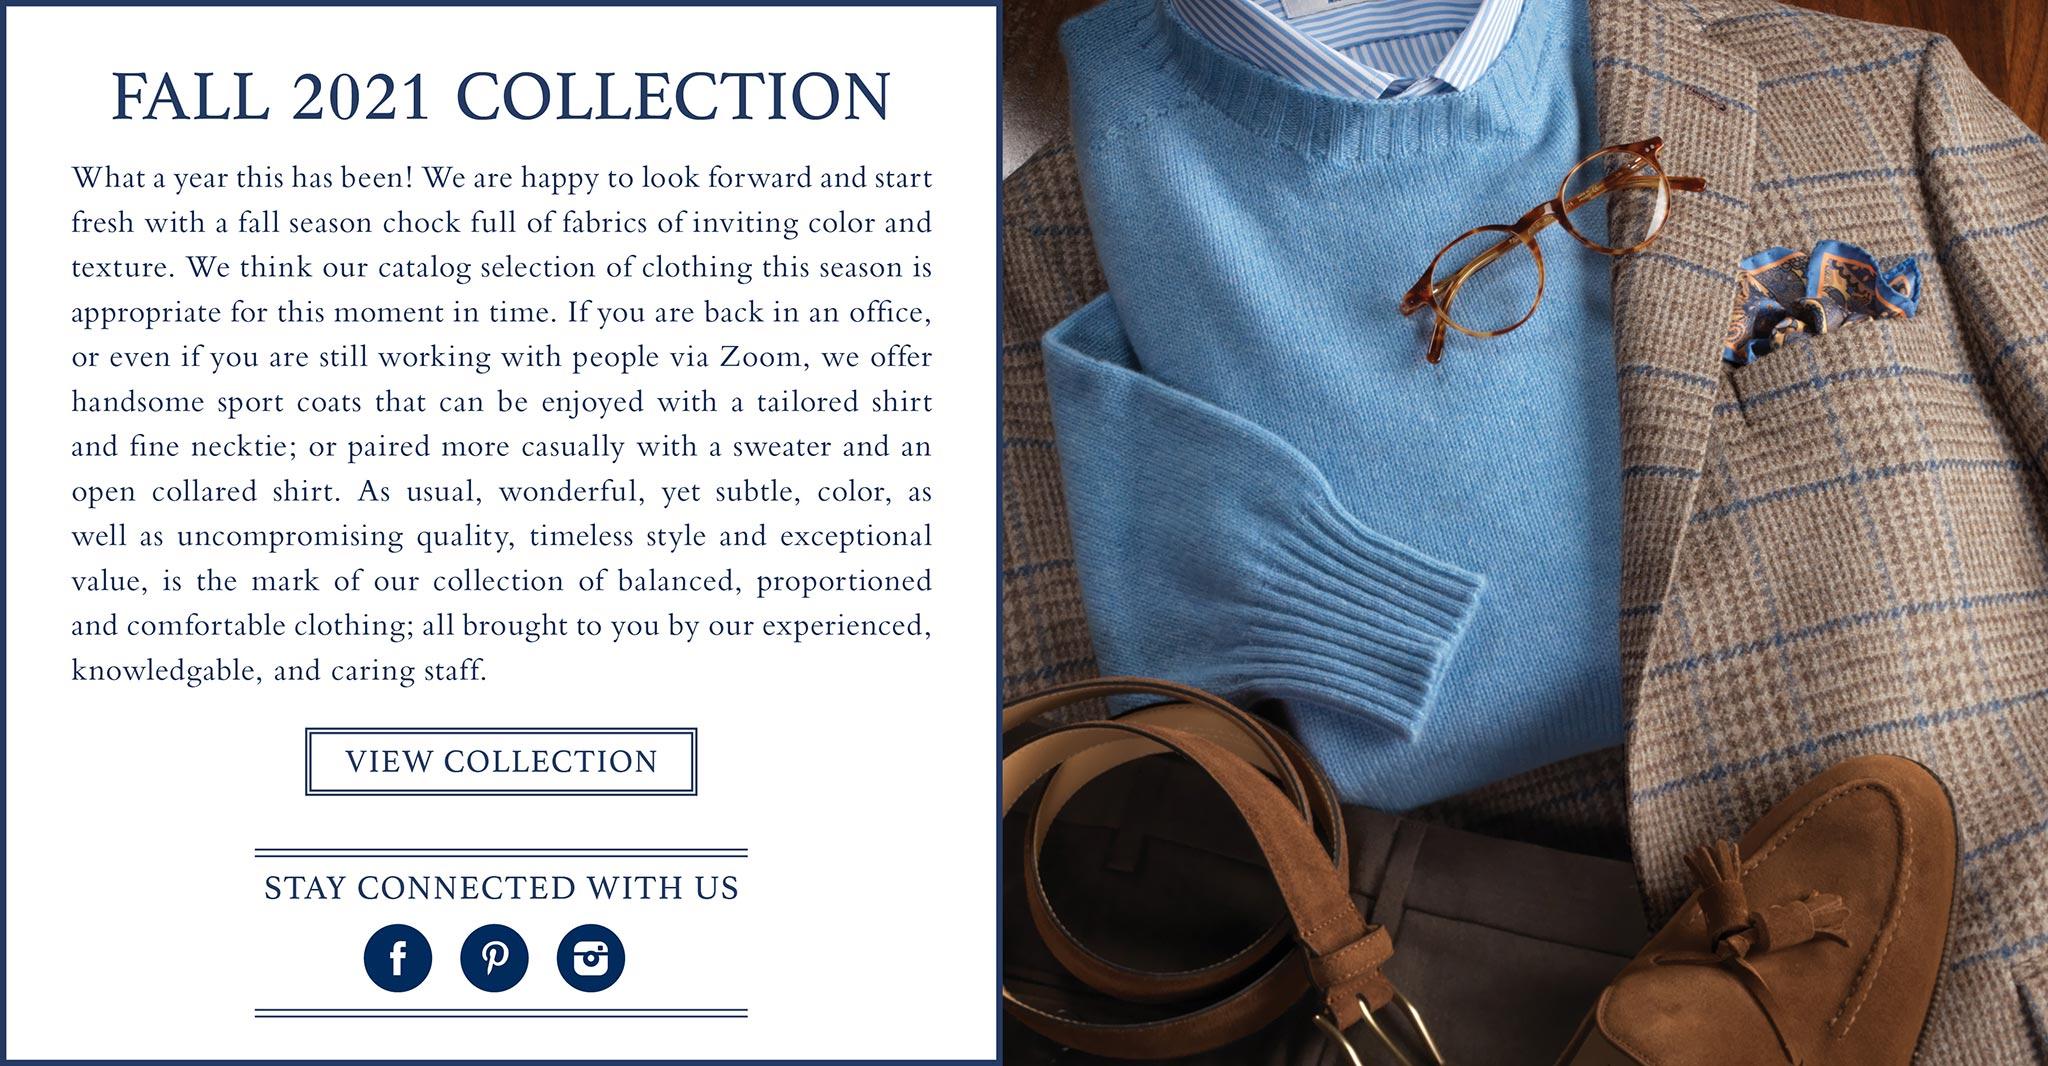 Shop Early Fall 2021 Catalog